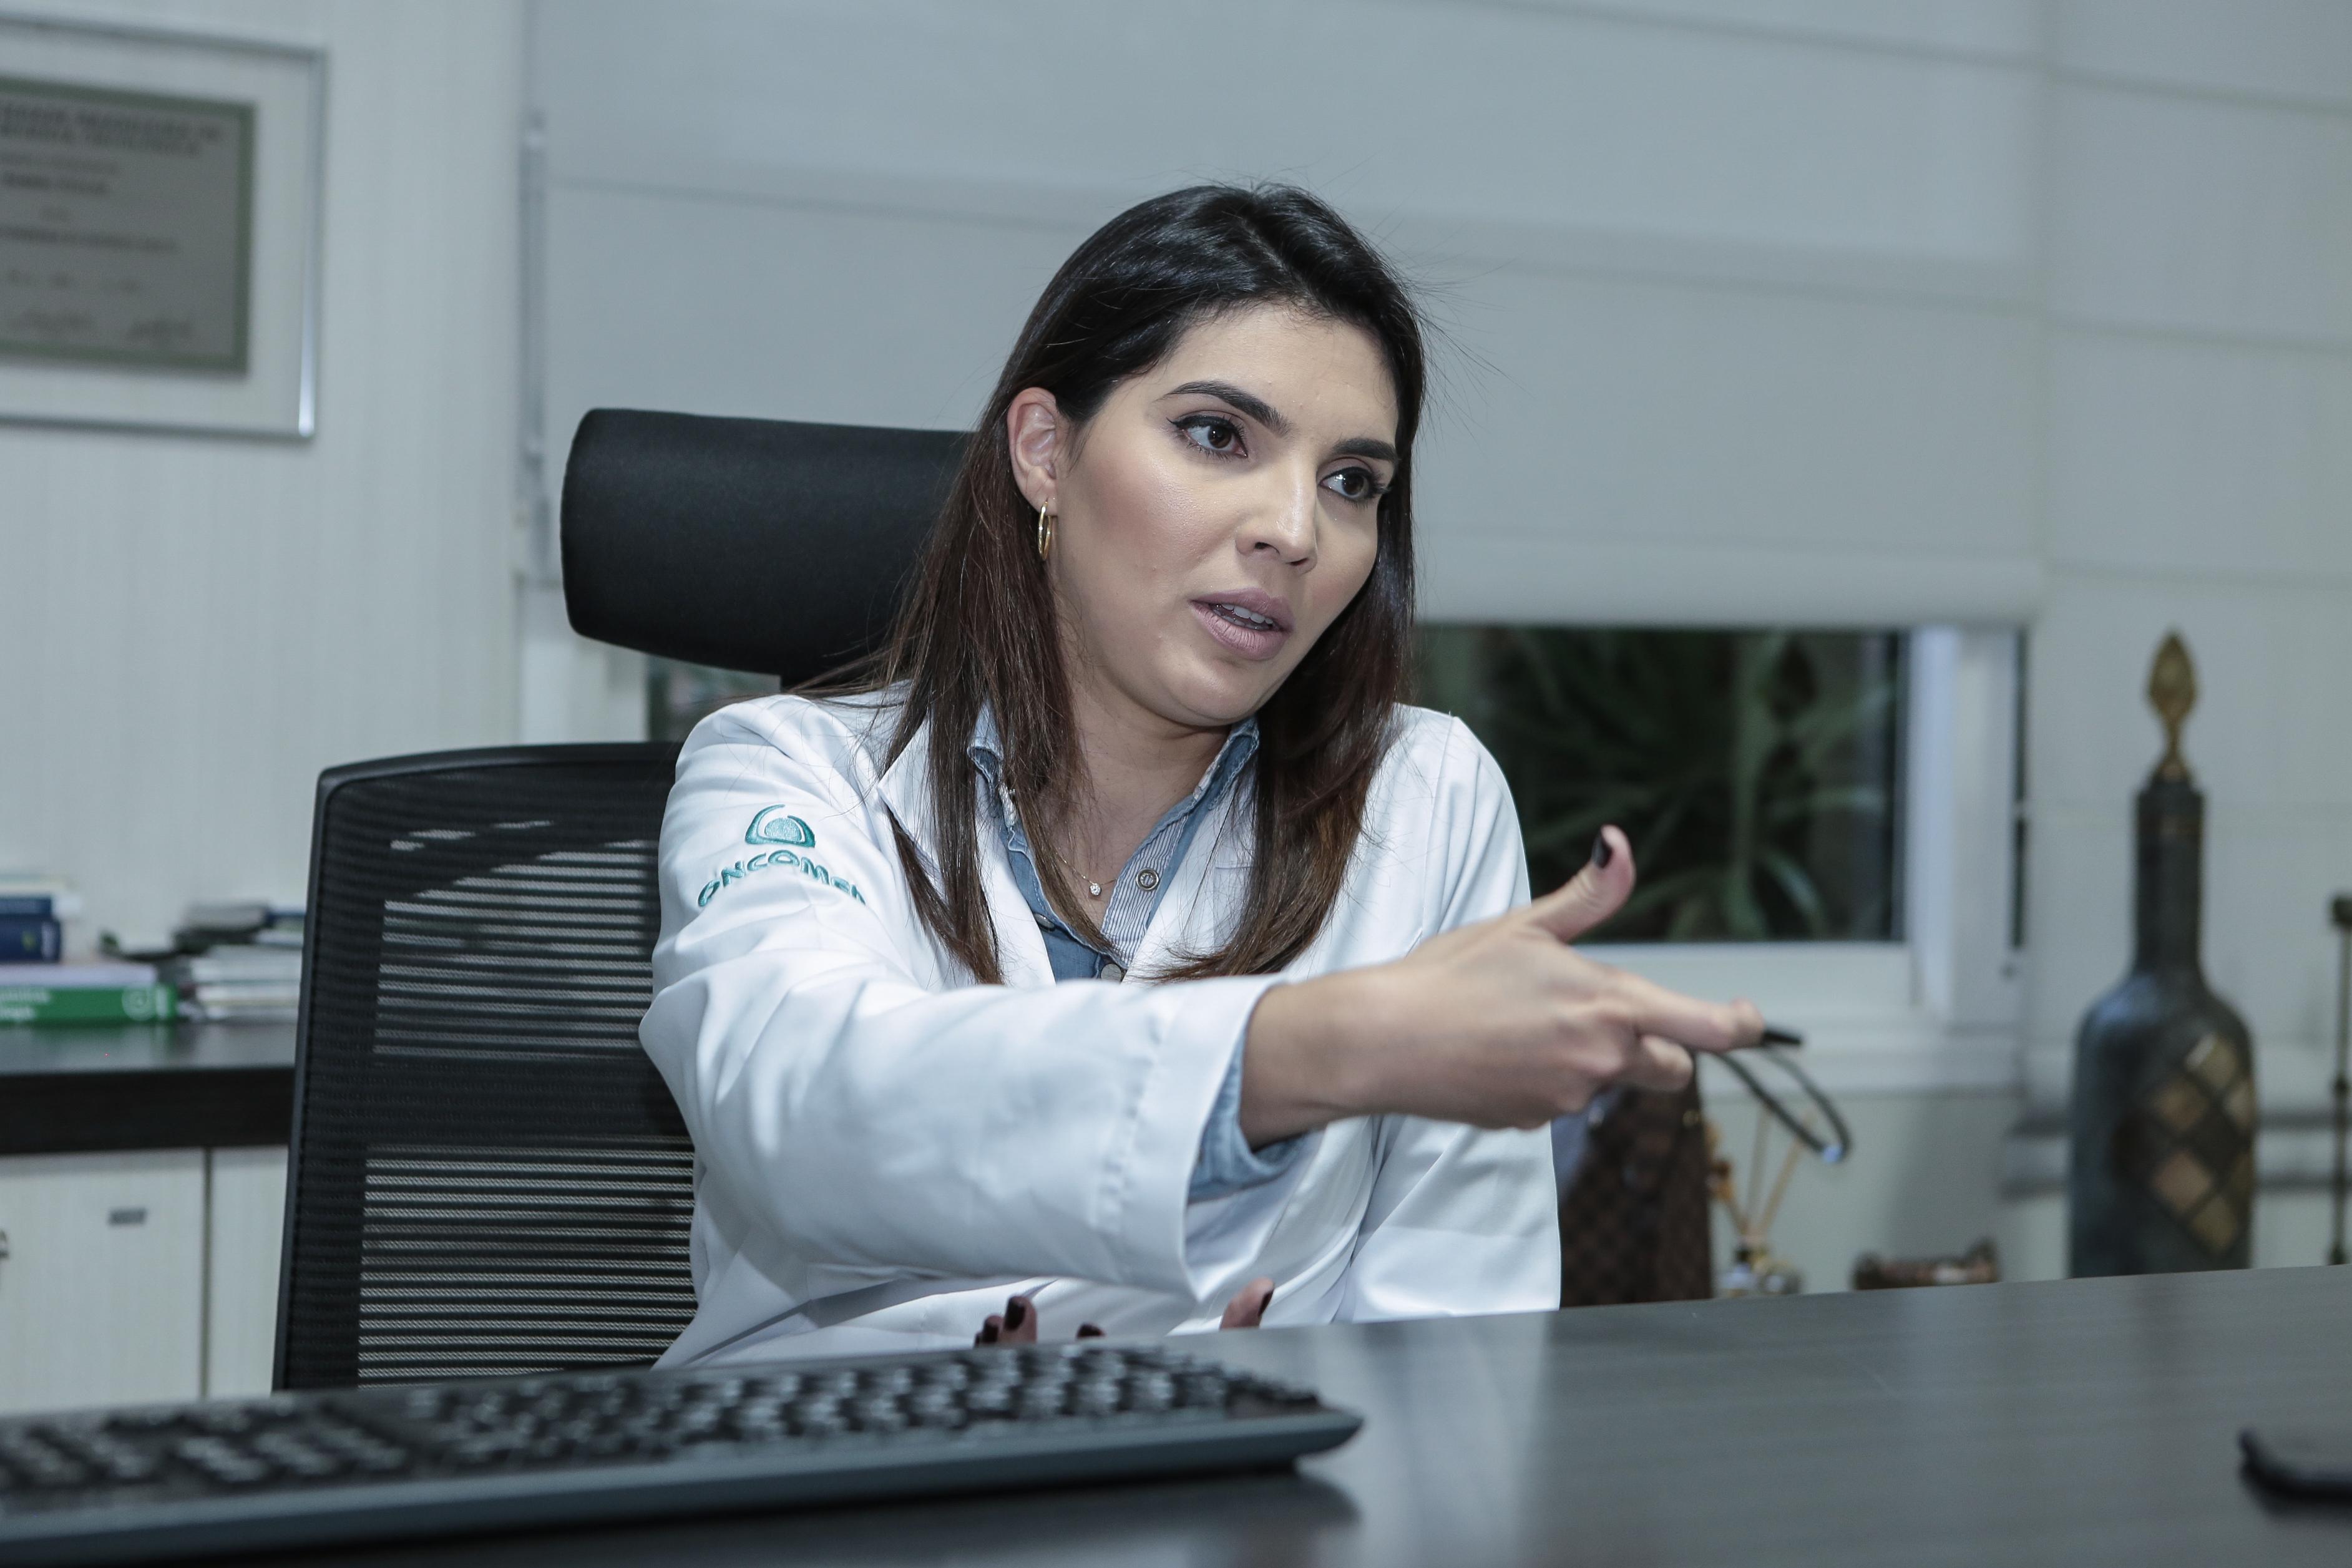 Falar sobre câncer de mama nunca é demais, defende oncologista